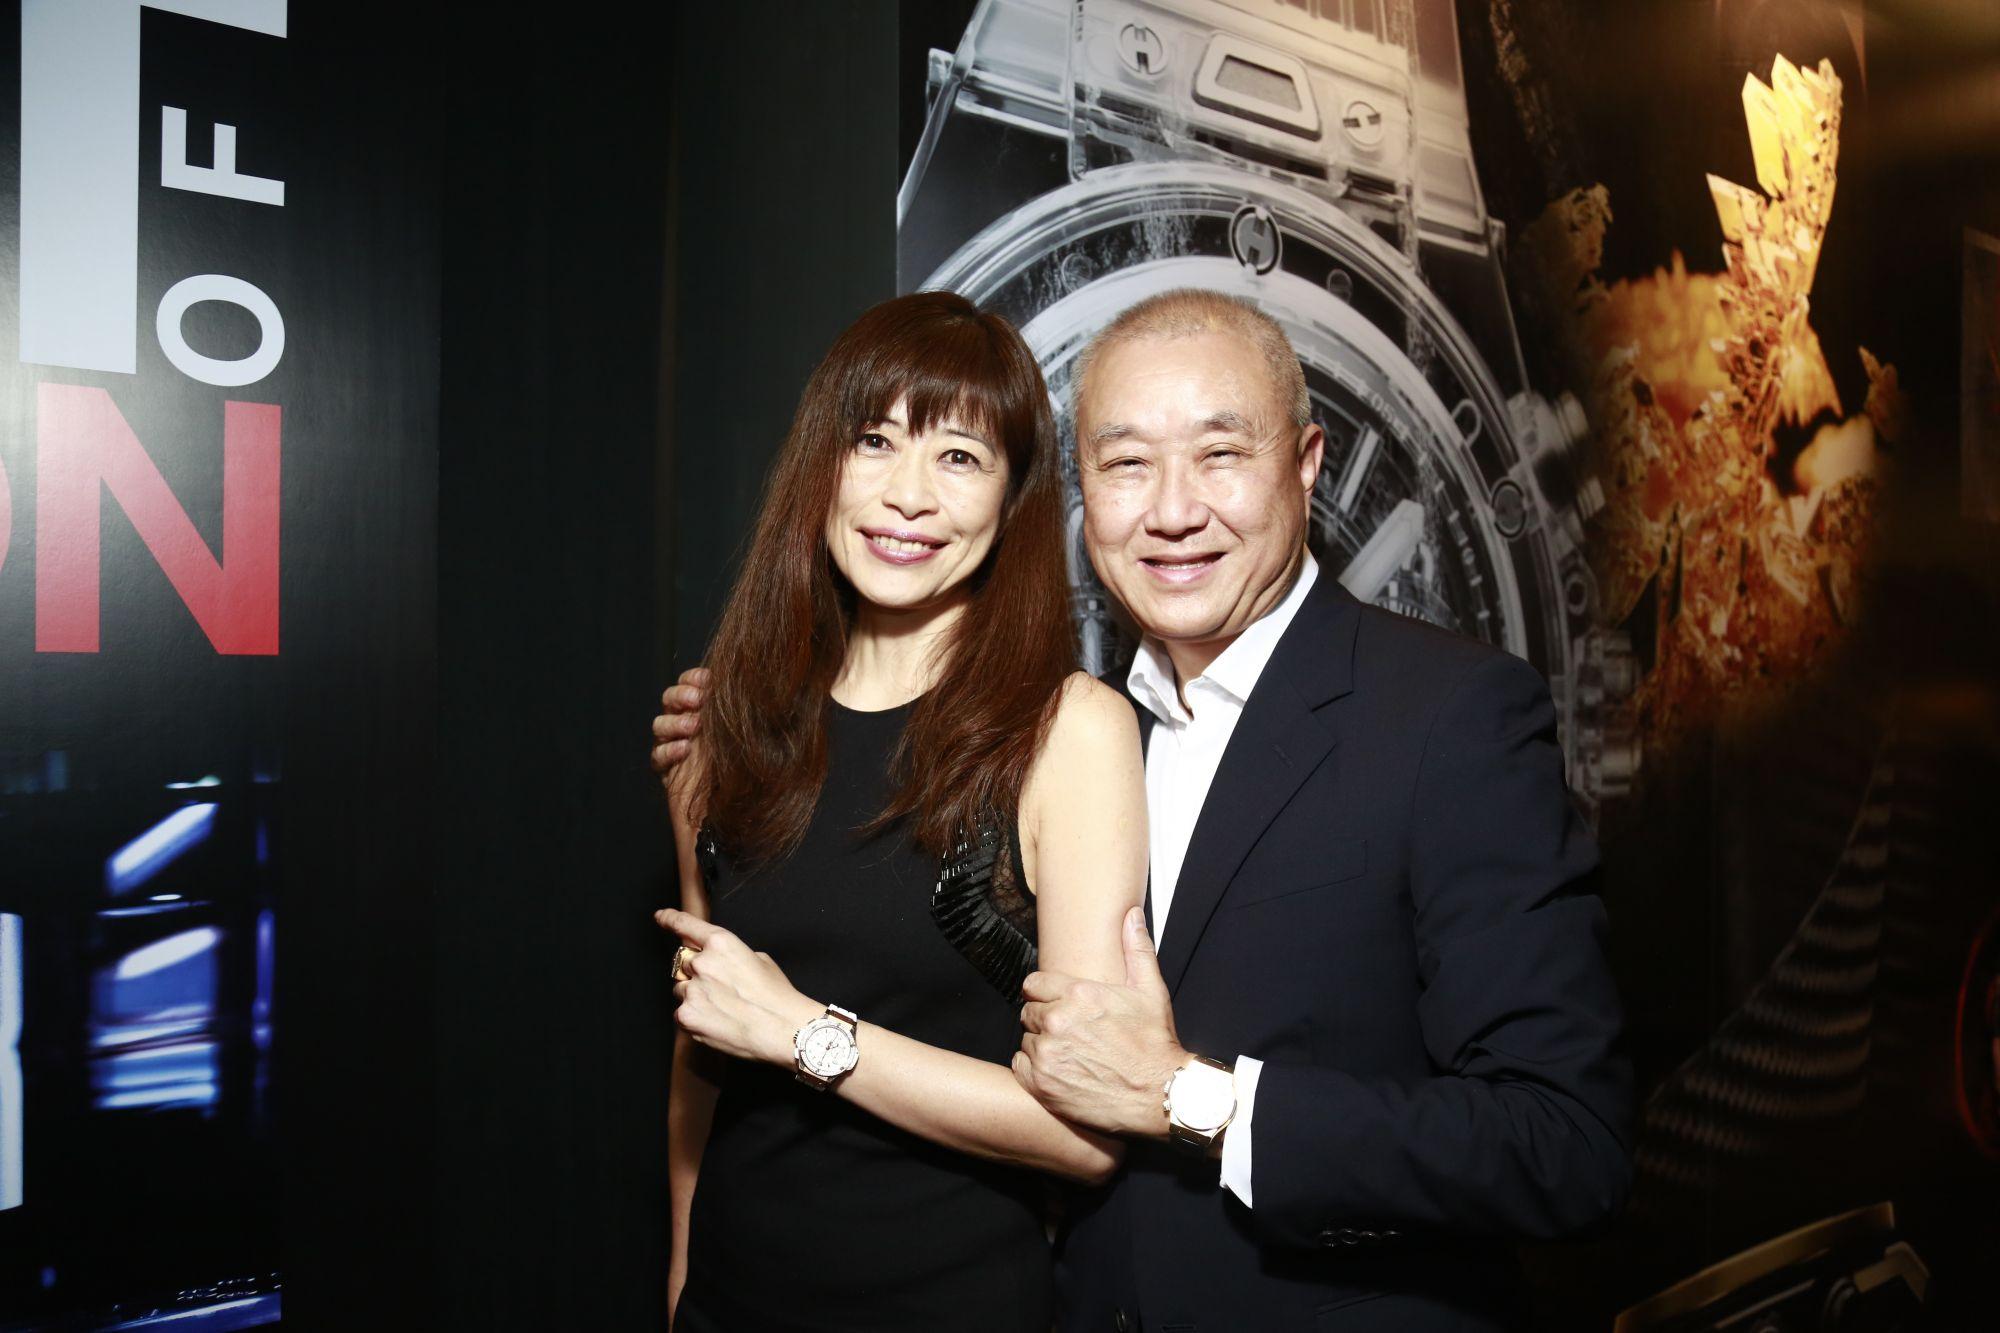 Miwa Sakai and Kenny Chan